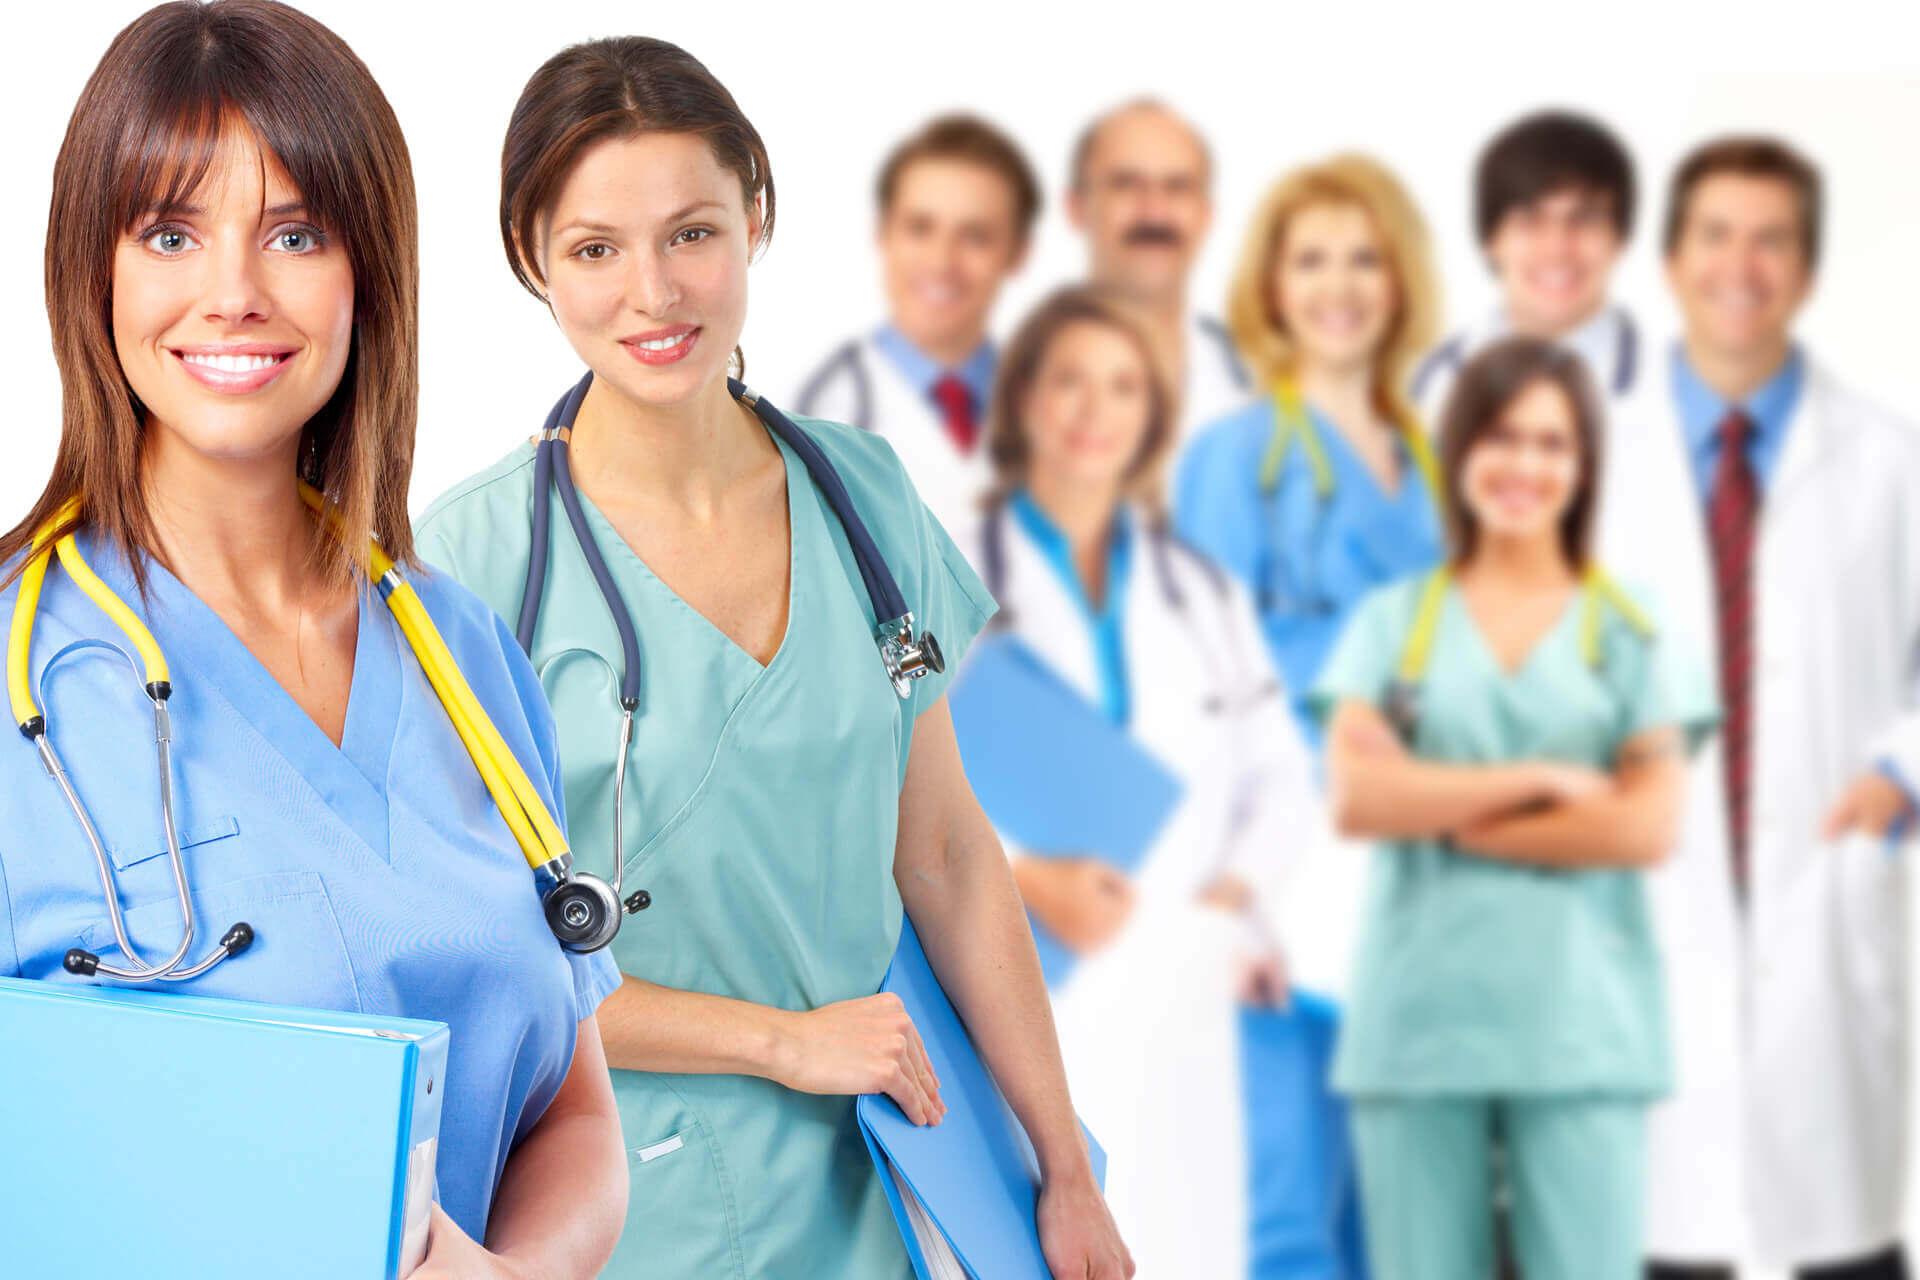 Gesundheitsmanagement, Fachwirt im Gesundheits- und Sozialwesen